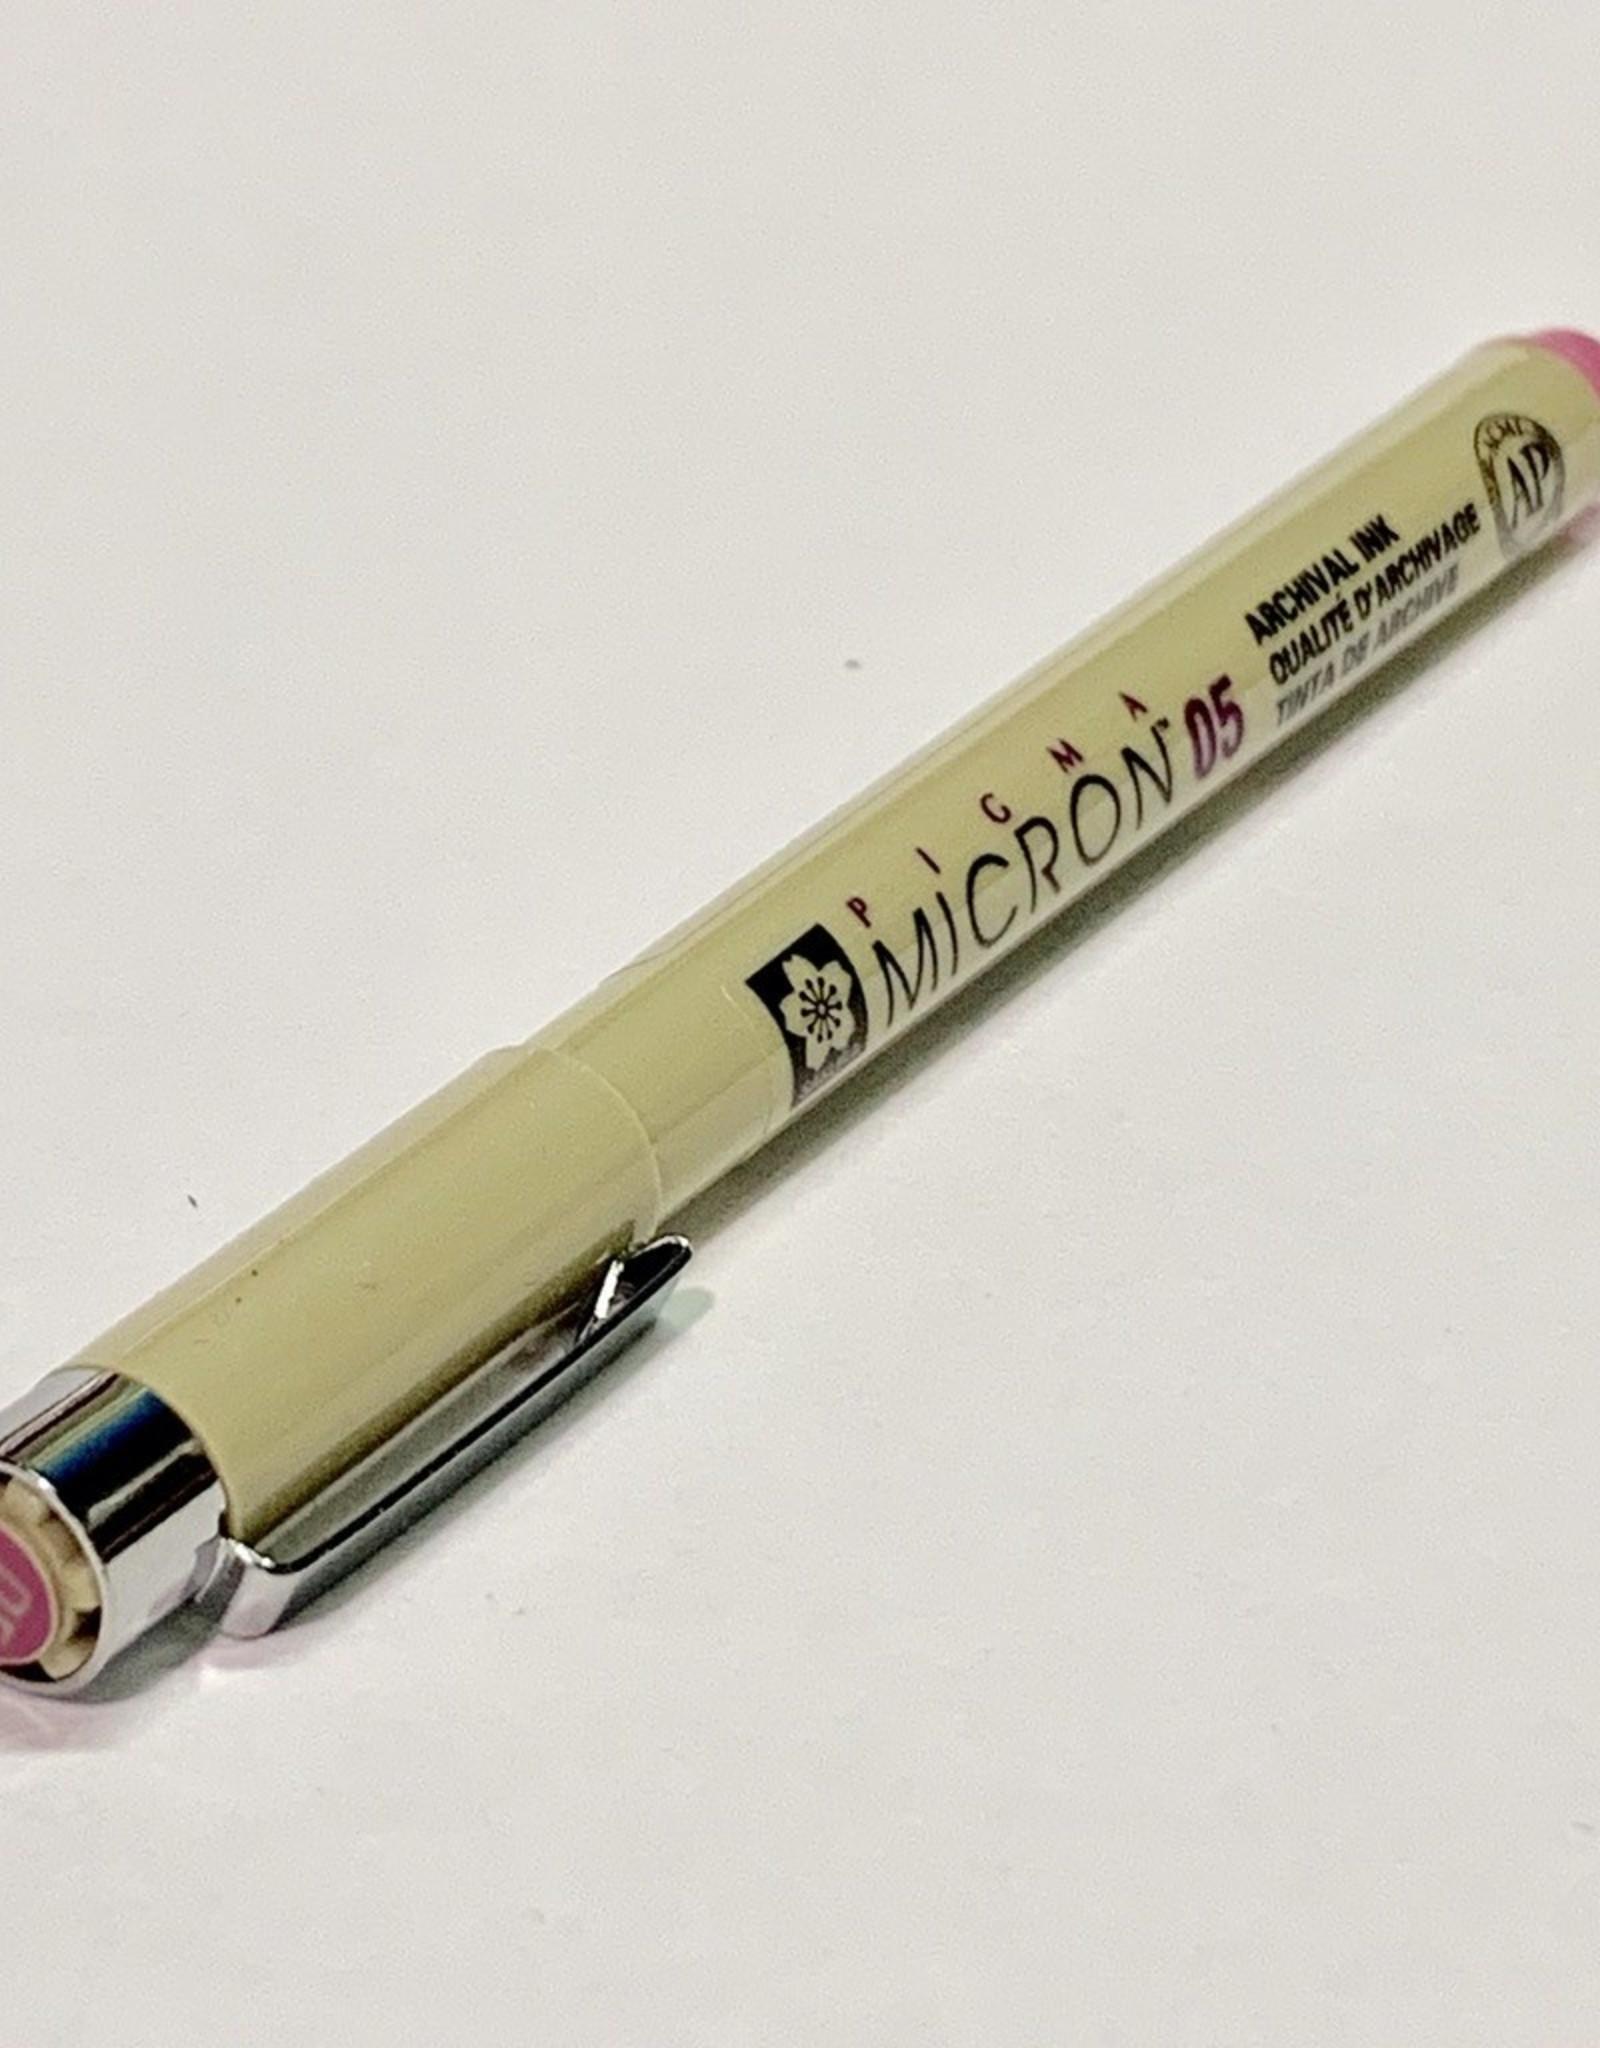 Sakura Micron Rose Pen 05 .45mm